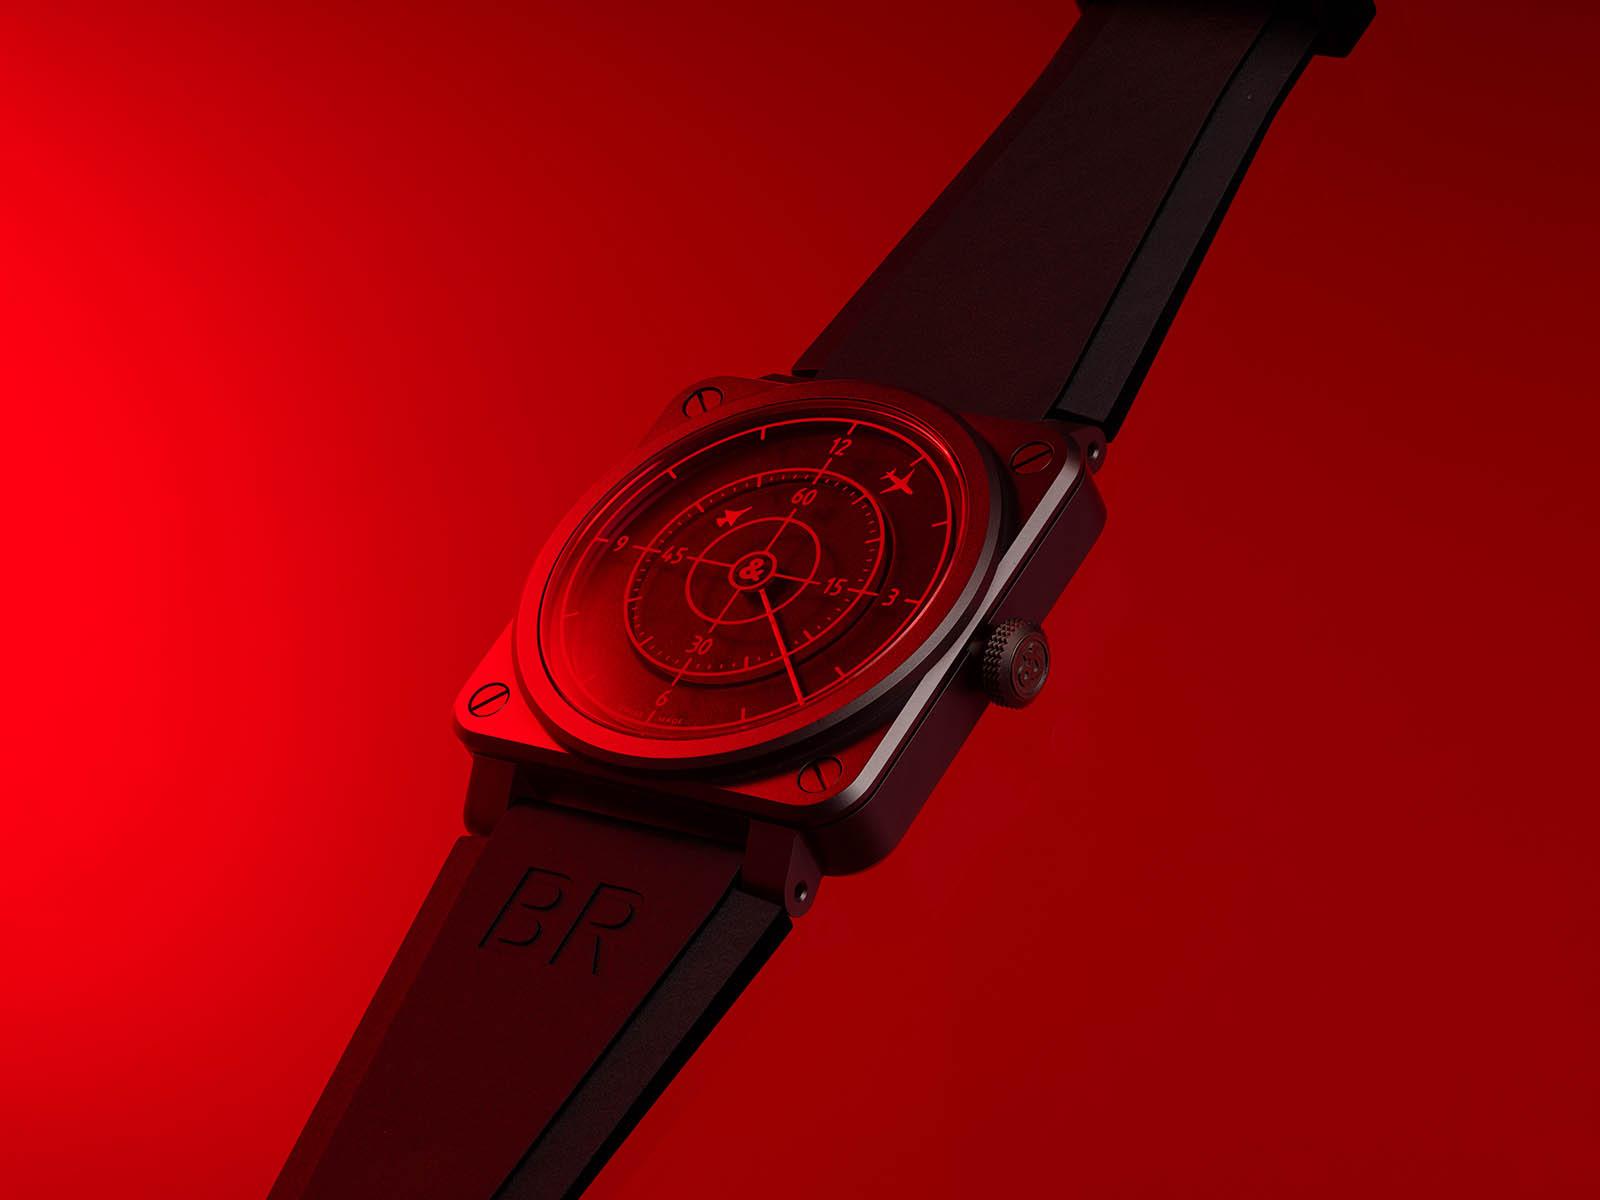 br0392-rrdr-ce-srb-bell-ross-br-03-42-red-radar-ceramic-2.jpg